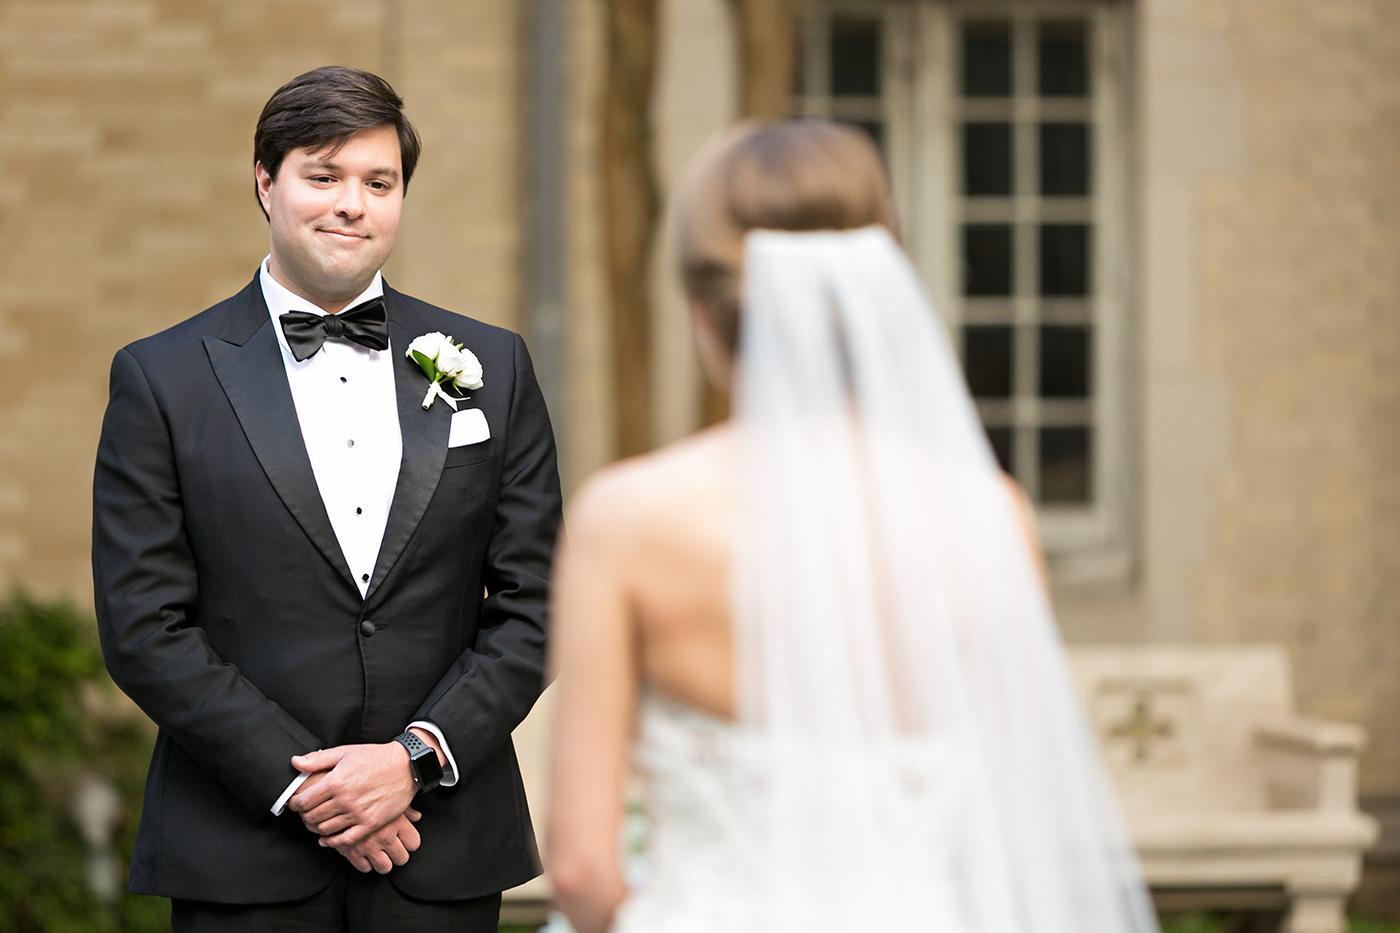 Dallas Wedding Planner - Allday Events - Classic Wedding at Dallas Scottish Rite - 245.jpg